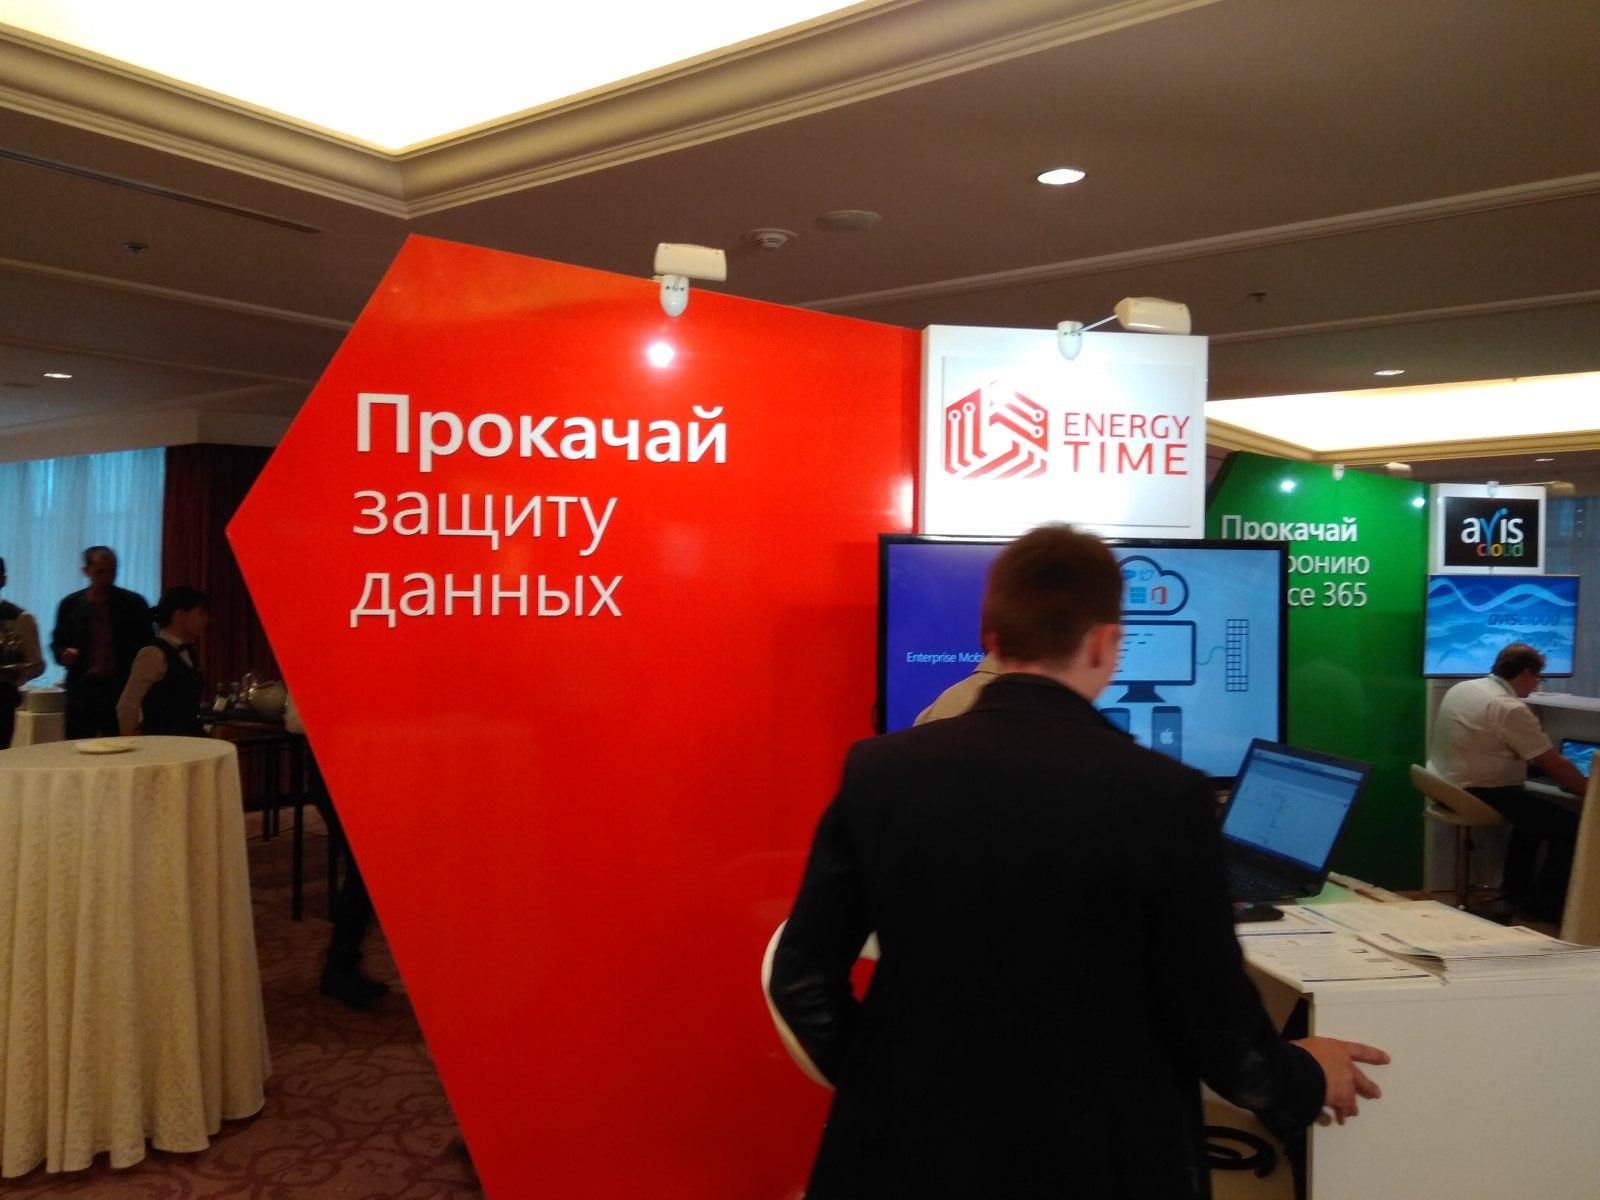 Прокачай защиту данных. Конференция Microsoft «Прокачай свой бизнес: Люди. Процессы. Технологии»